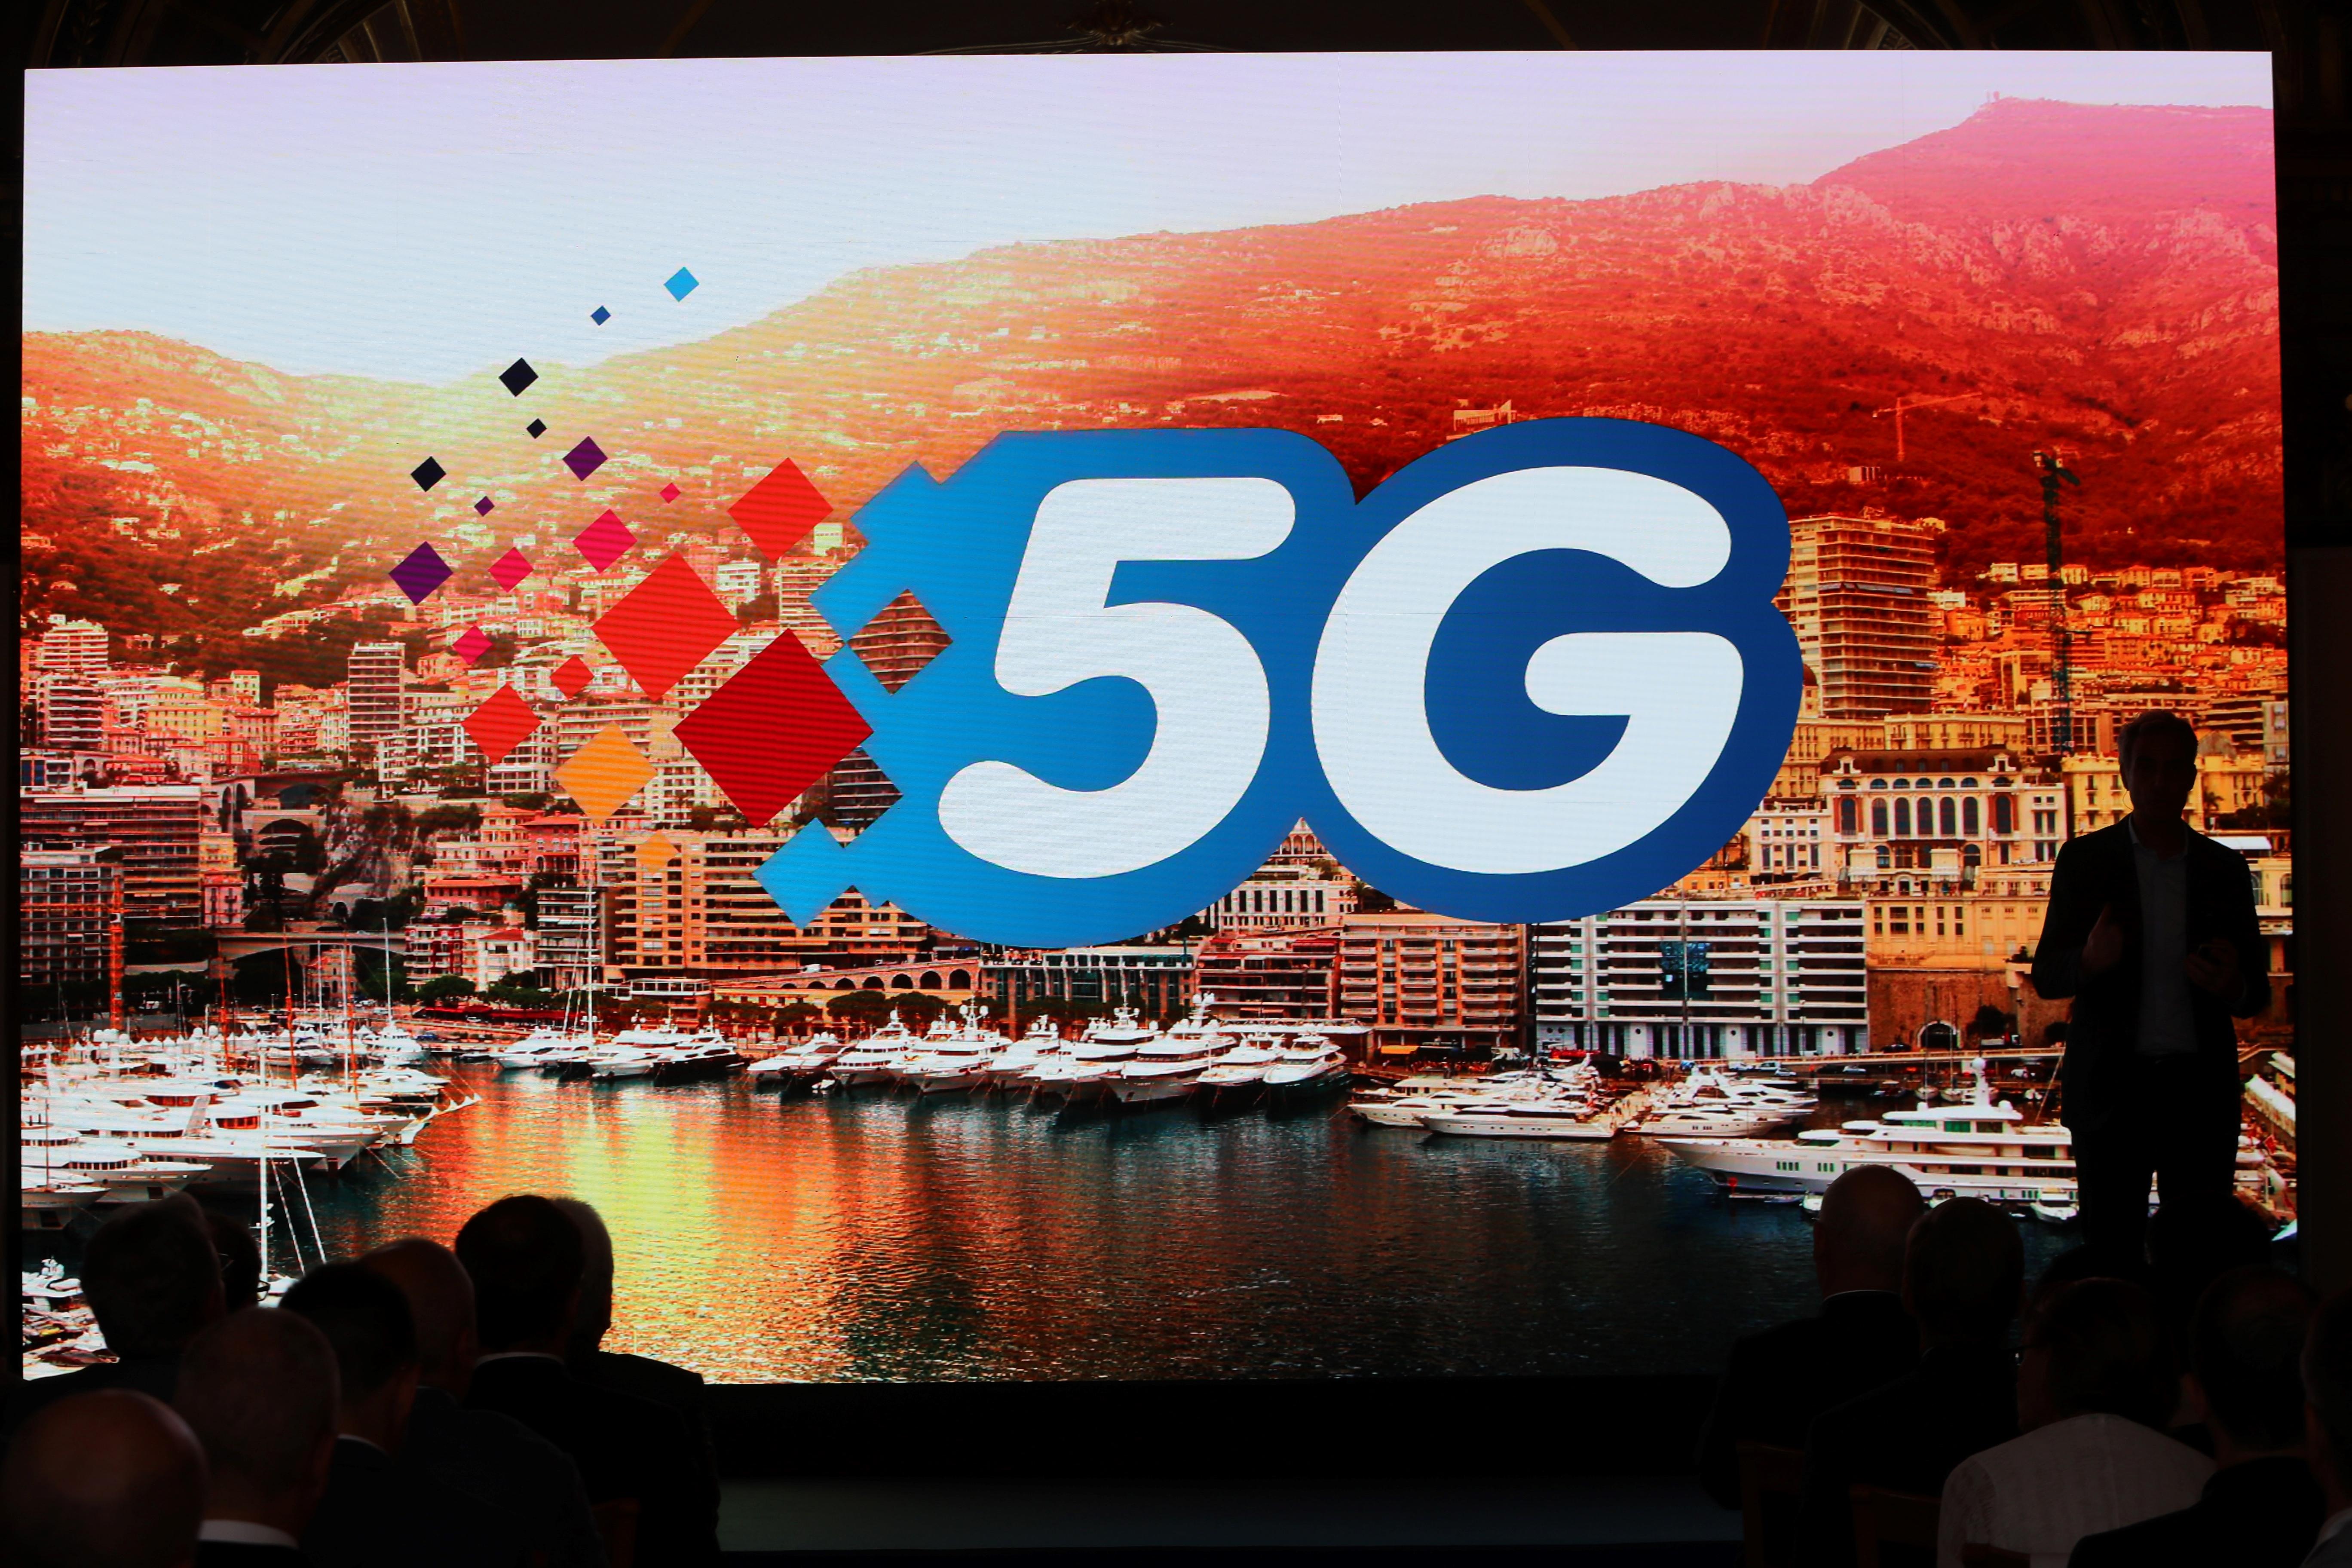 保加利亞歐洲三國與美簽署5G安全協議